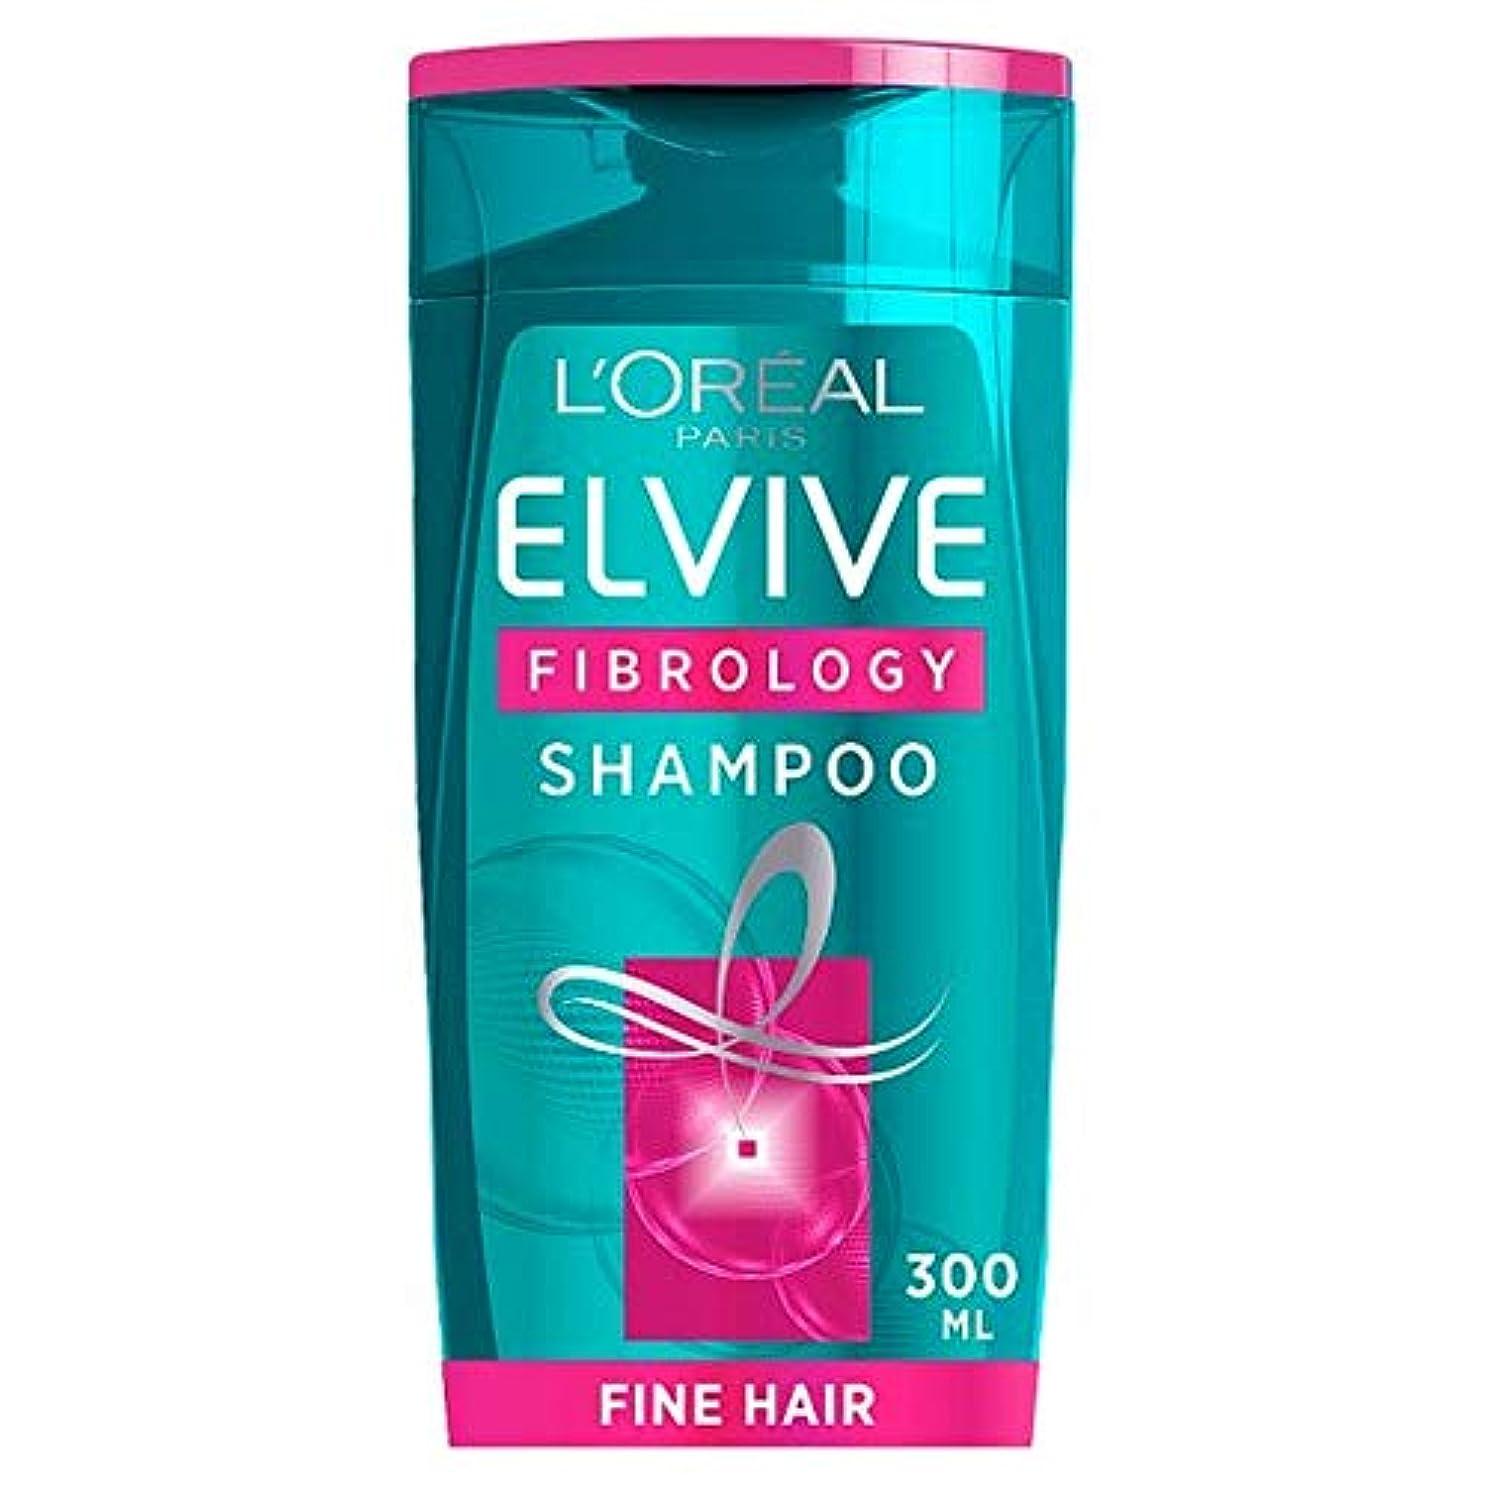 ほこりっぽい蒸発行[Elvive] ロレアルElvive細い髪肥厚シャンプー300ミリリットル - L'oreal Elvive Fine Hair Thickening Shampoo 300Ml [並行輸入品]